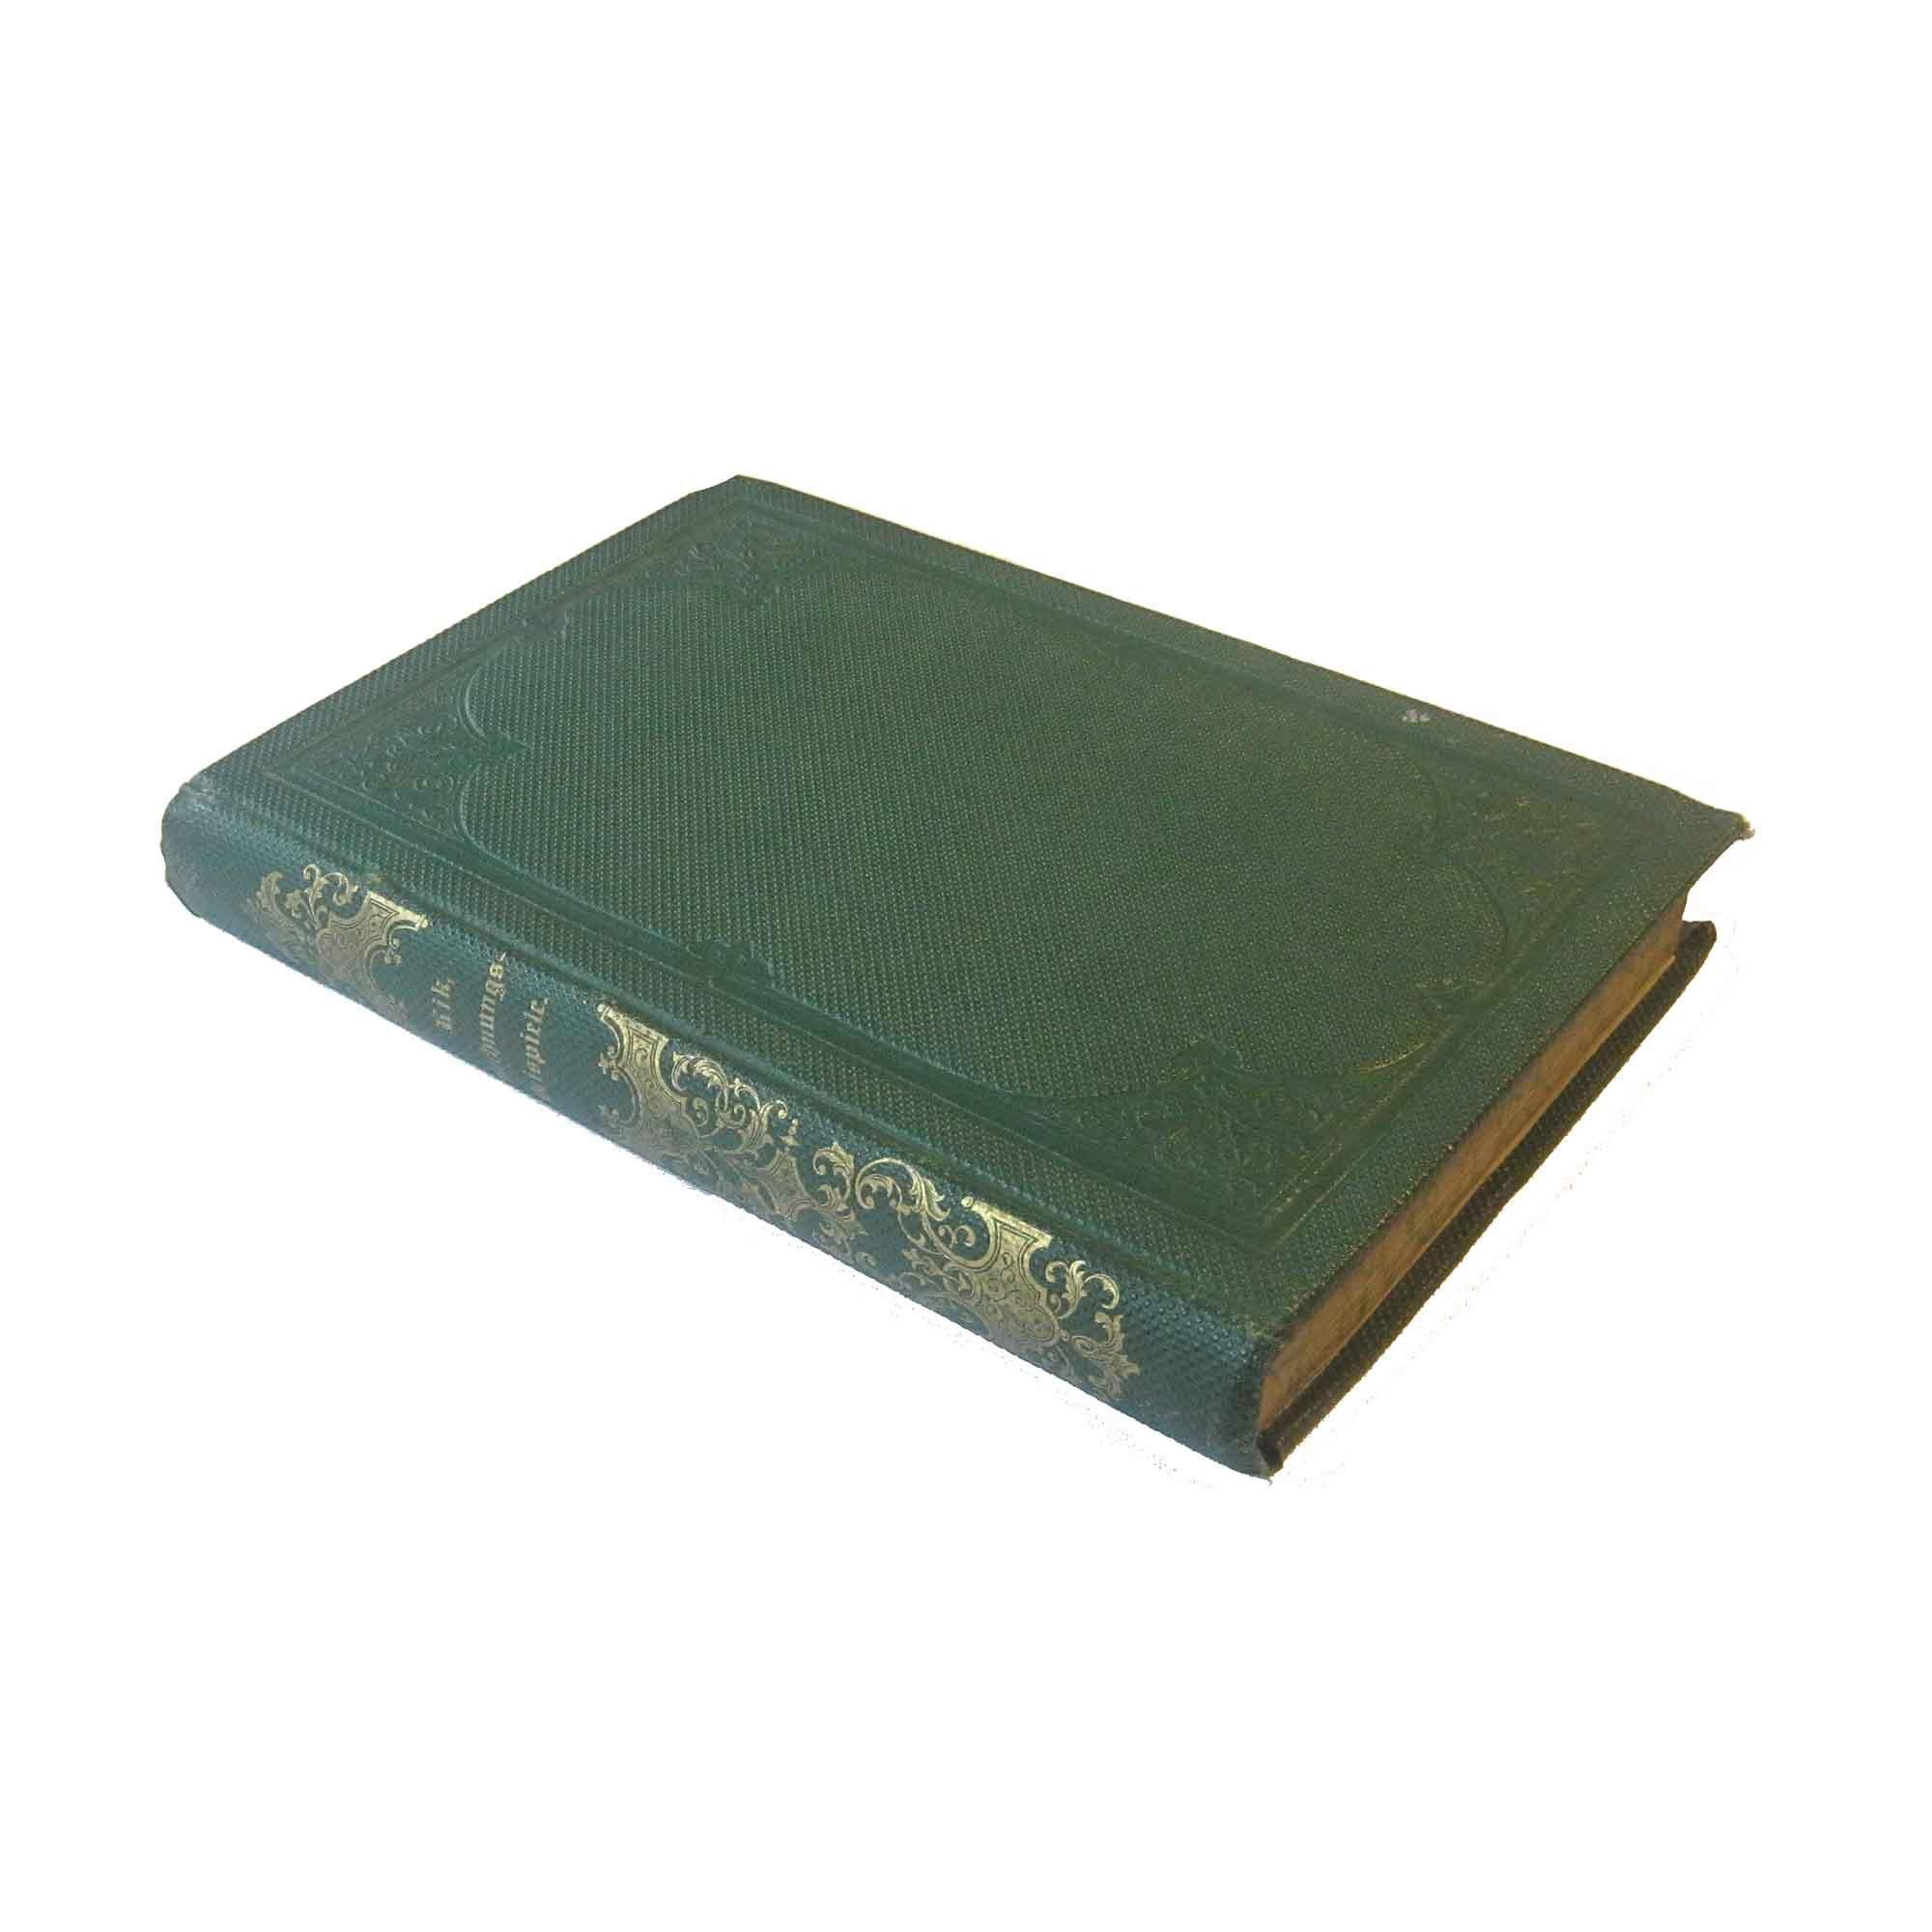 5358 Kik Lehrsaetze Landwirtschaft 1860 1861 Einband frei N